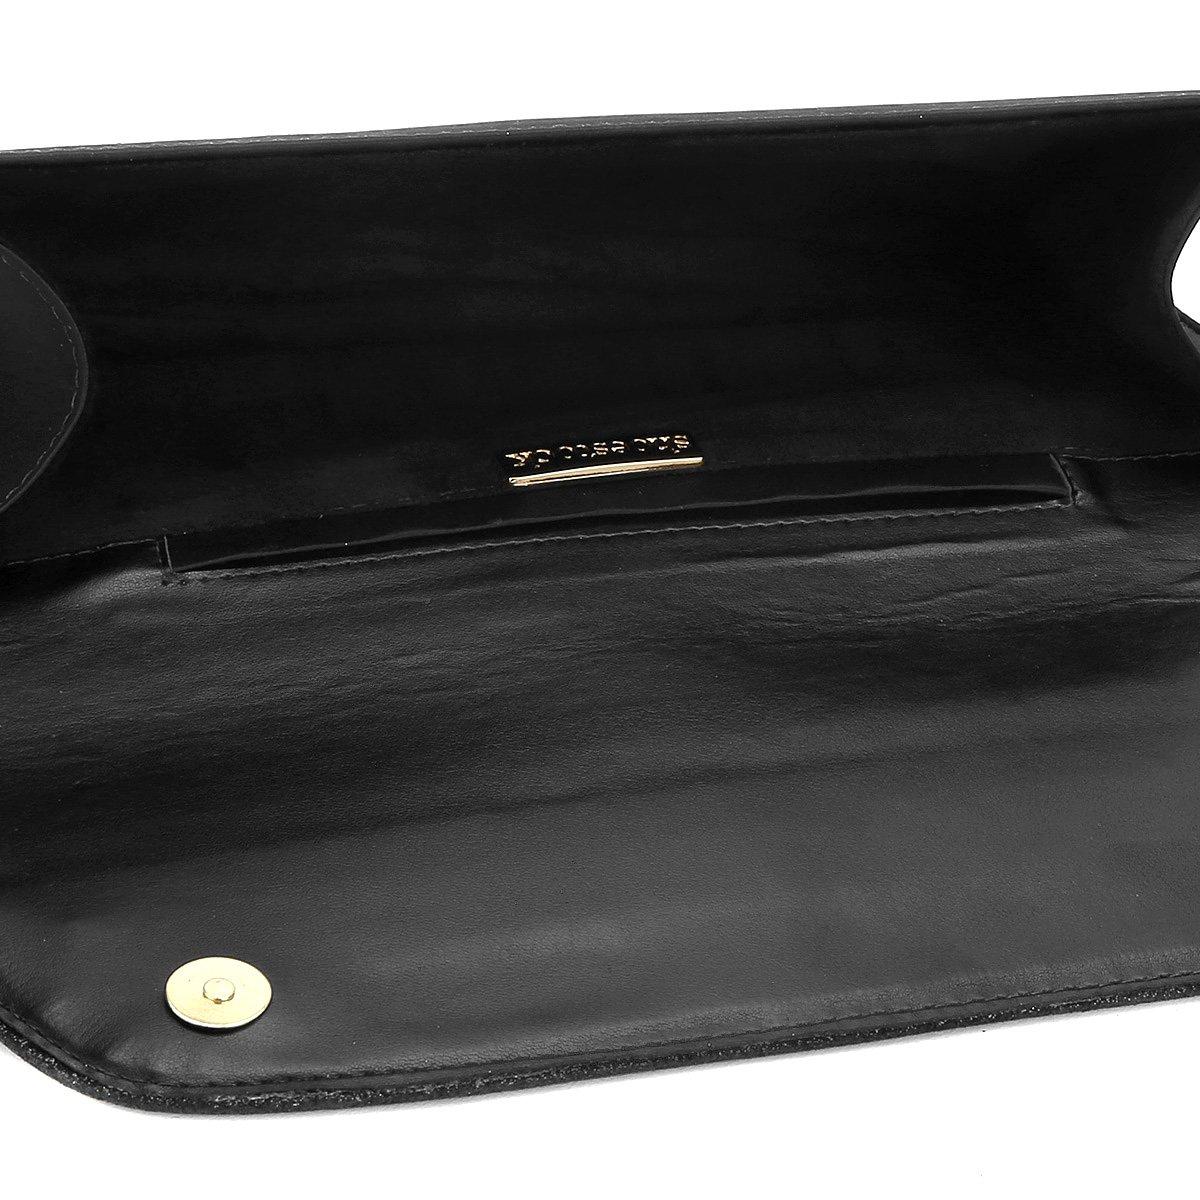 Bolsa Shoestock Clutch Festa - Compre Agora  e9d719052d853